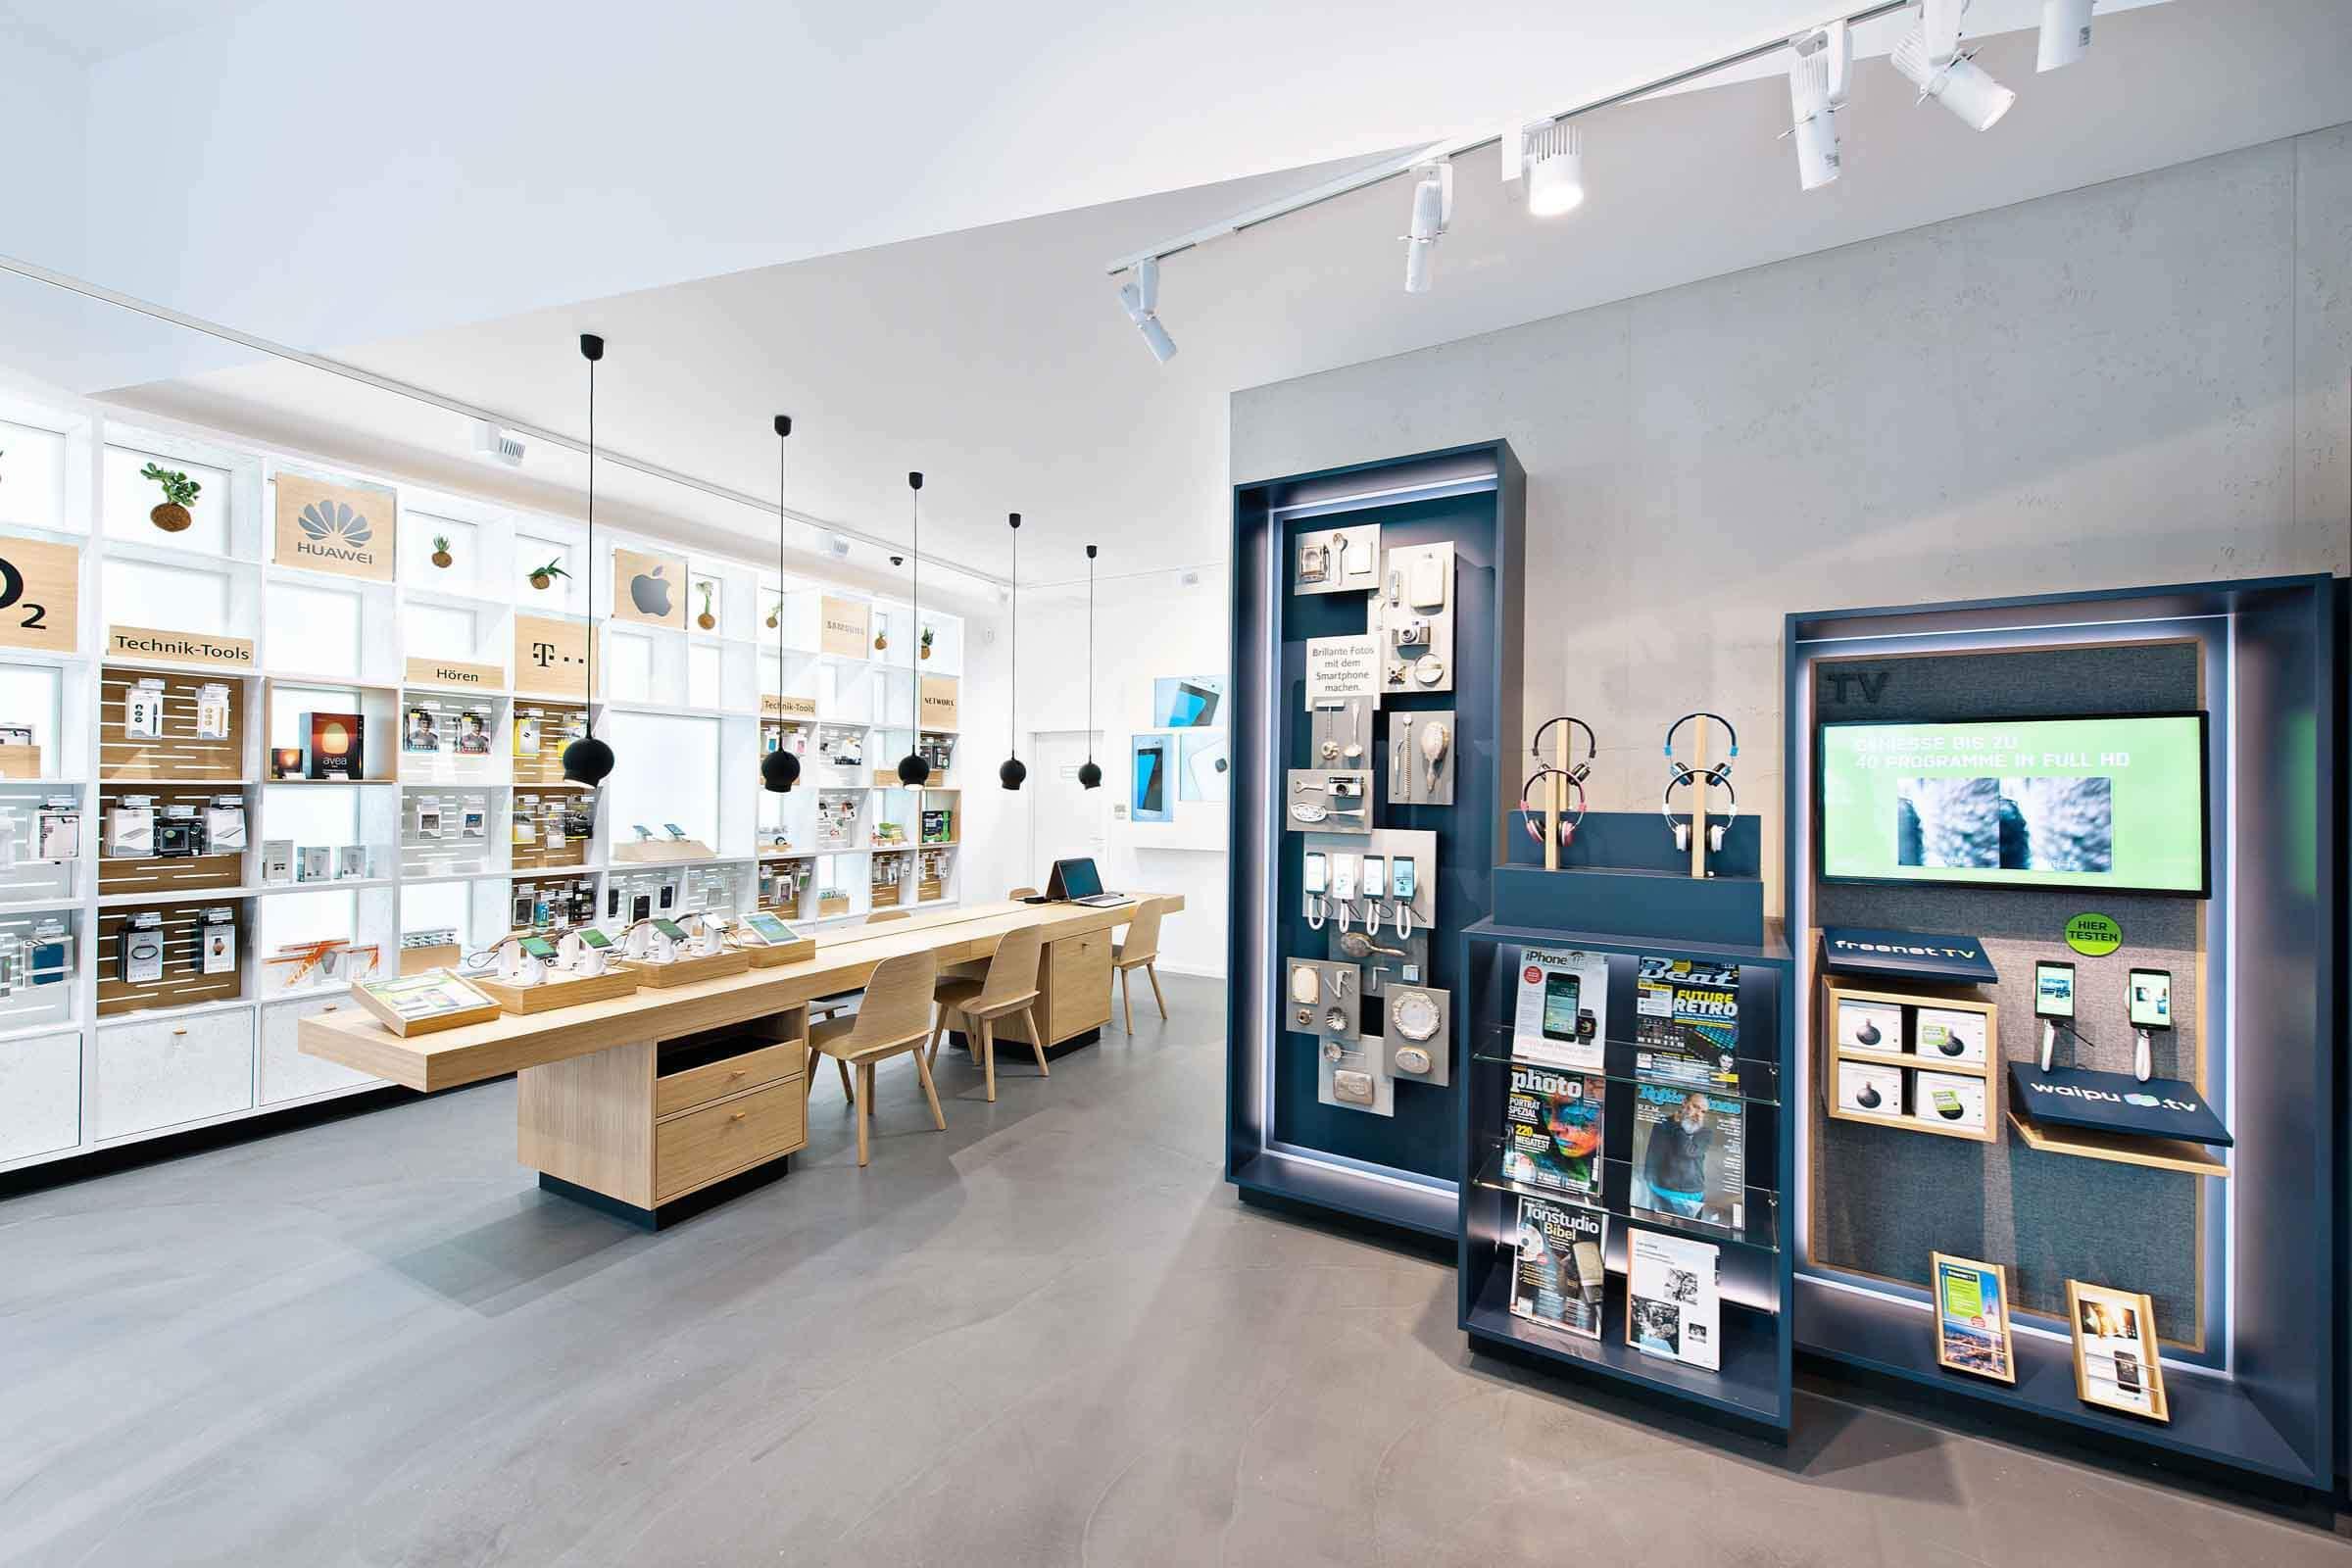 Ein von Expomondo umgesetzter Shop für Gravis